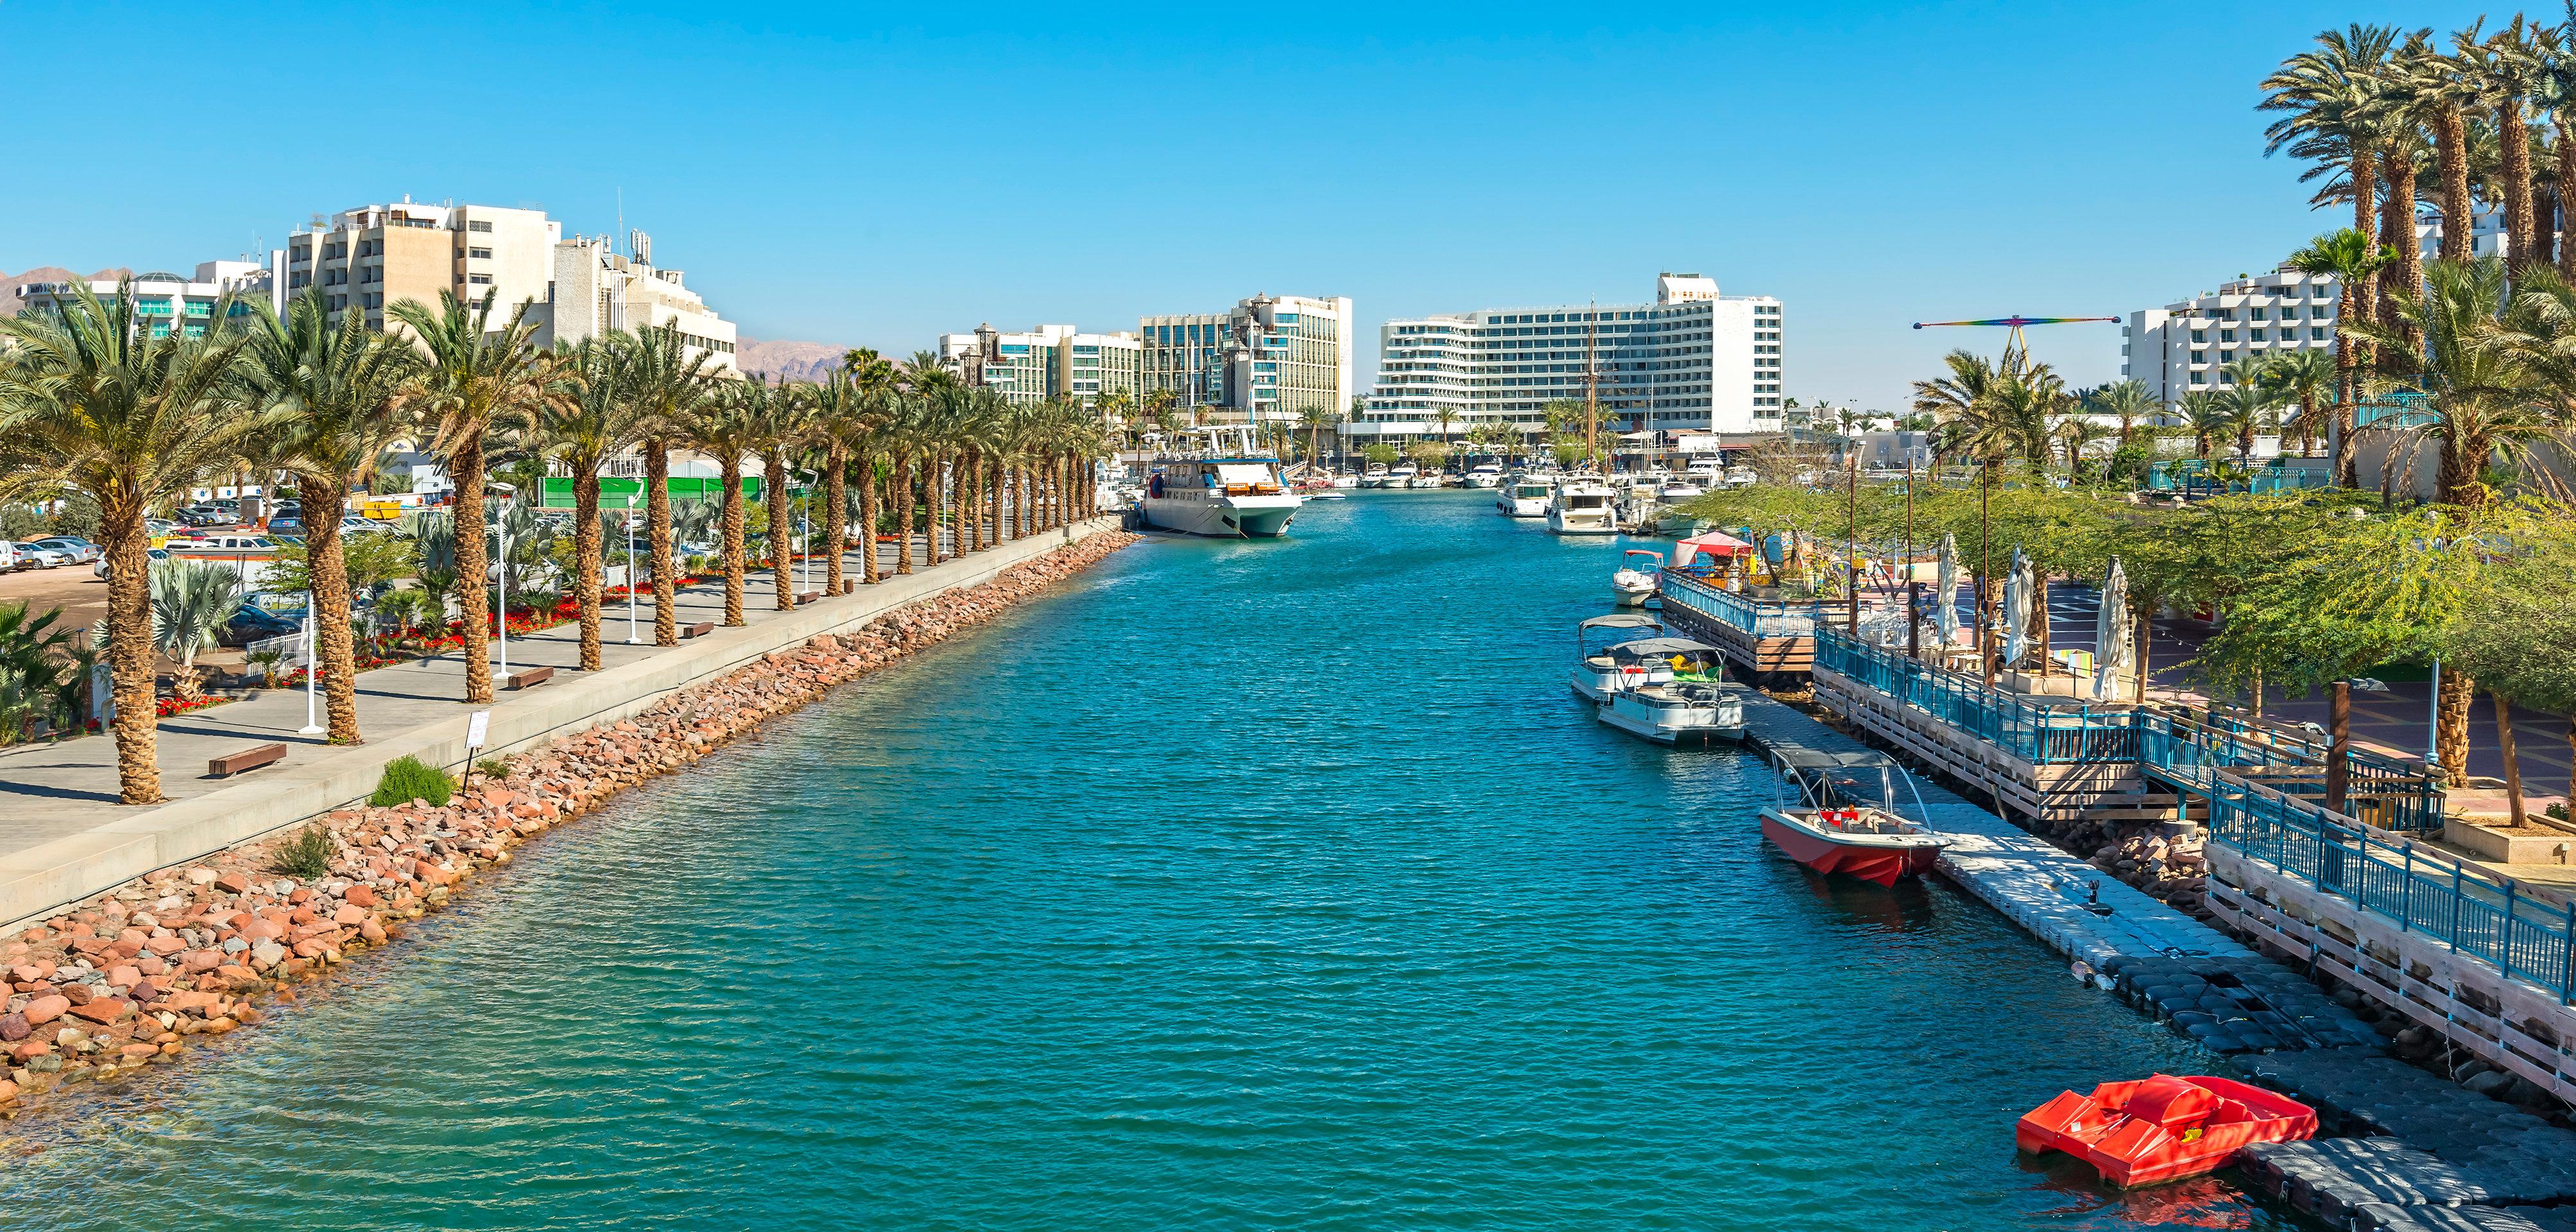 Eilat lagoon (Photo: Shutterstock)